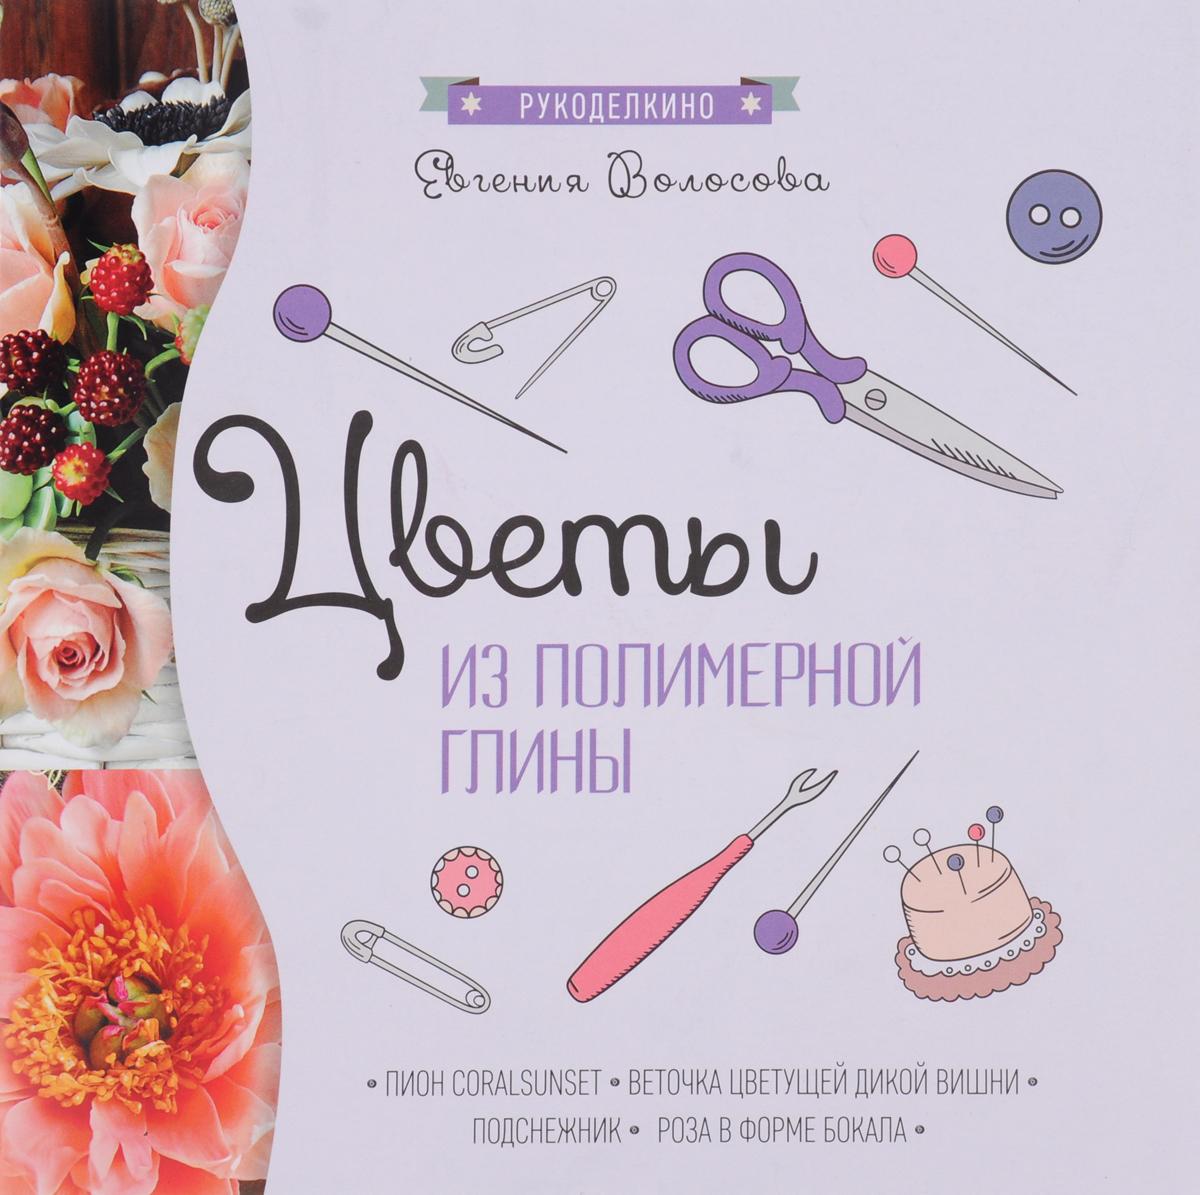 Евгения Волосова Цветы из полимерной глины королева е весенние цветы из полимерной глины подробные мастер классы